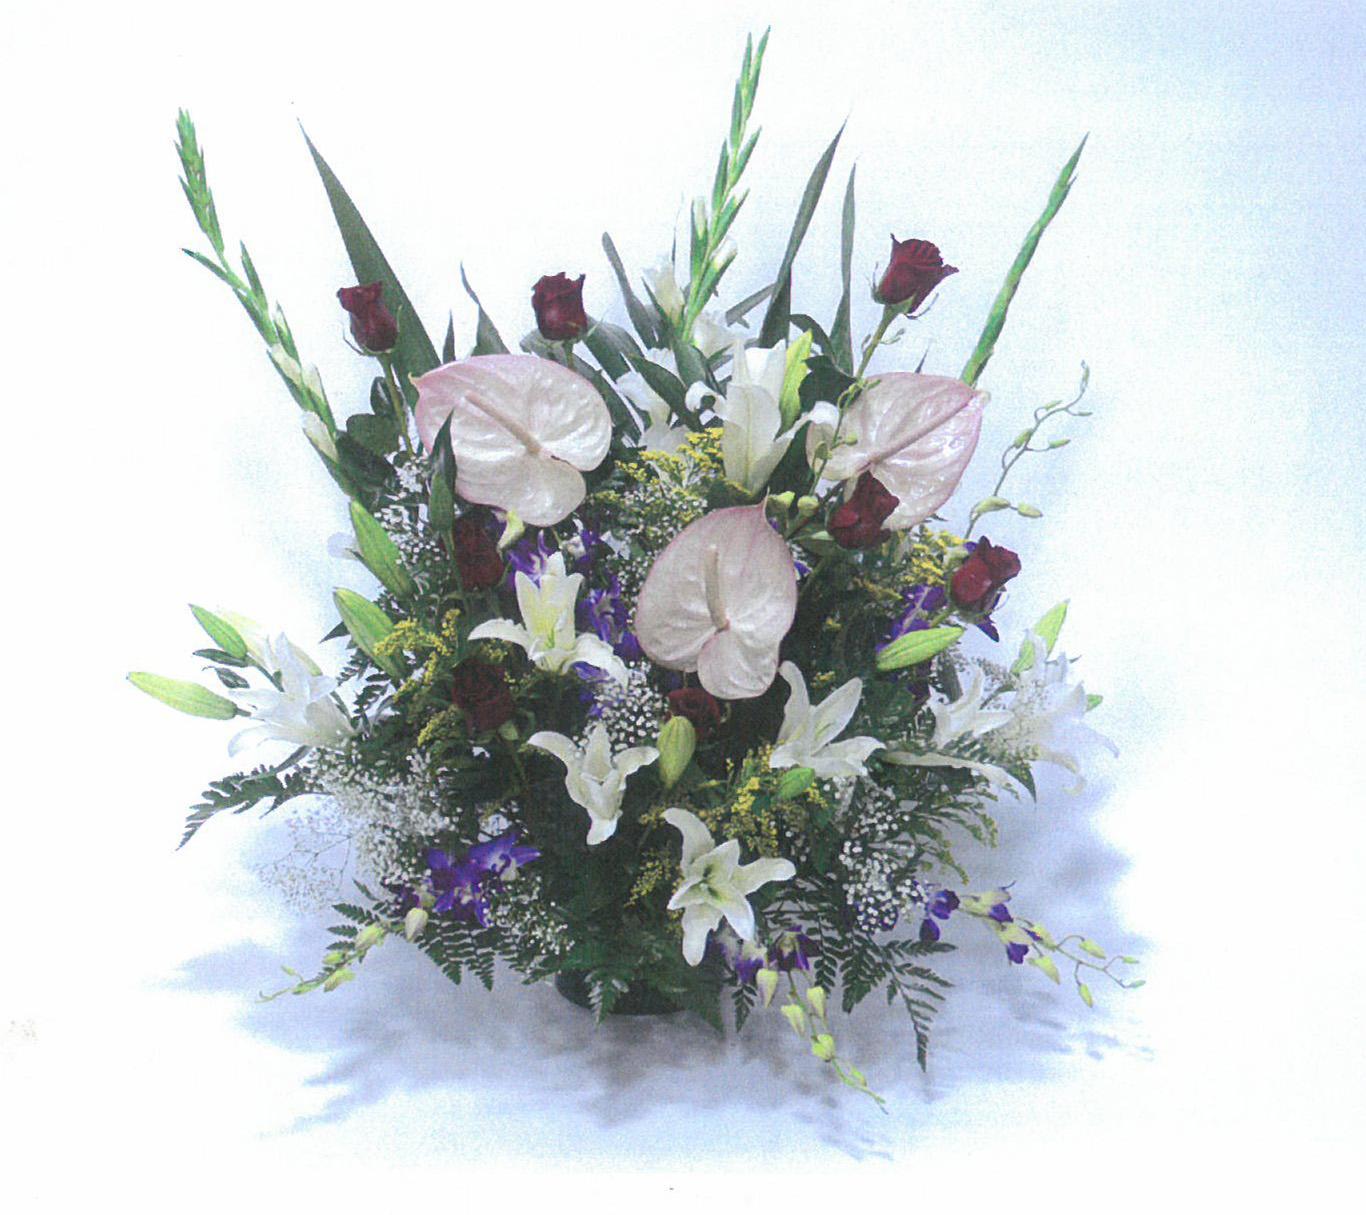 Populaire Composizioni floreali funebri - Vallerano - Il Cero SH37